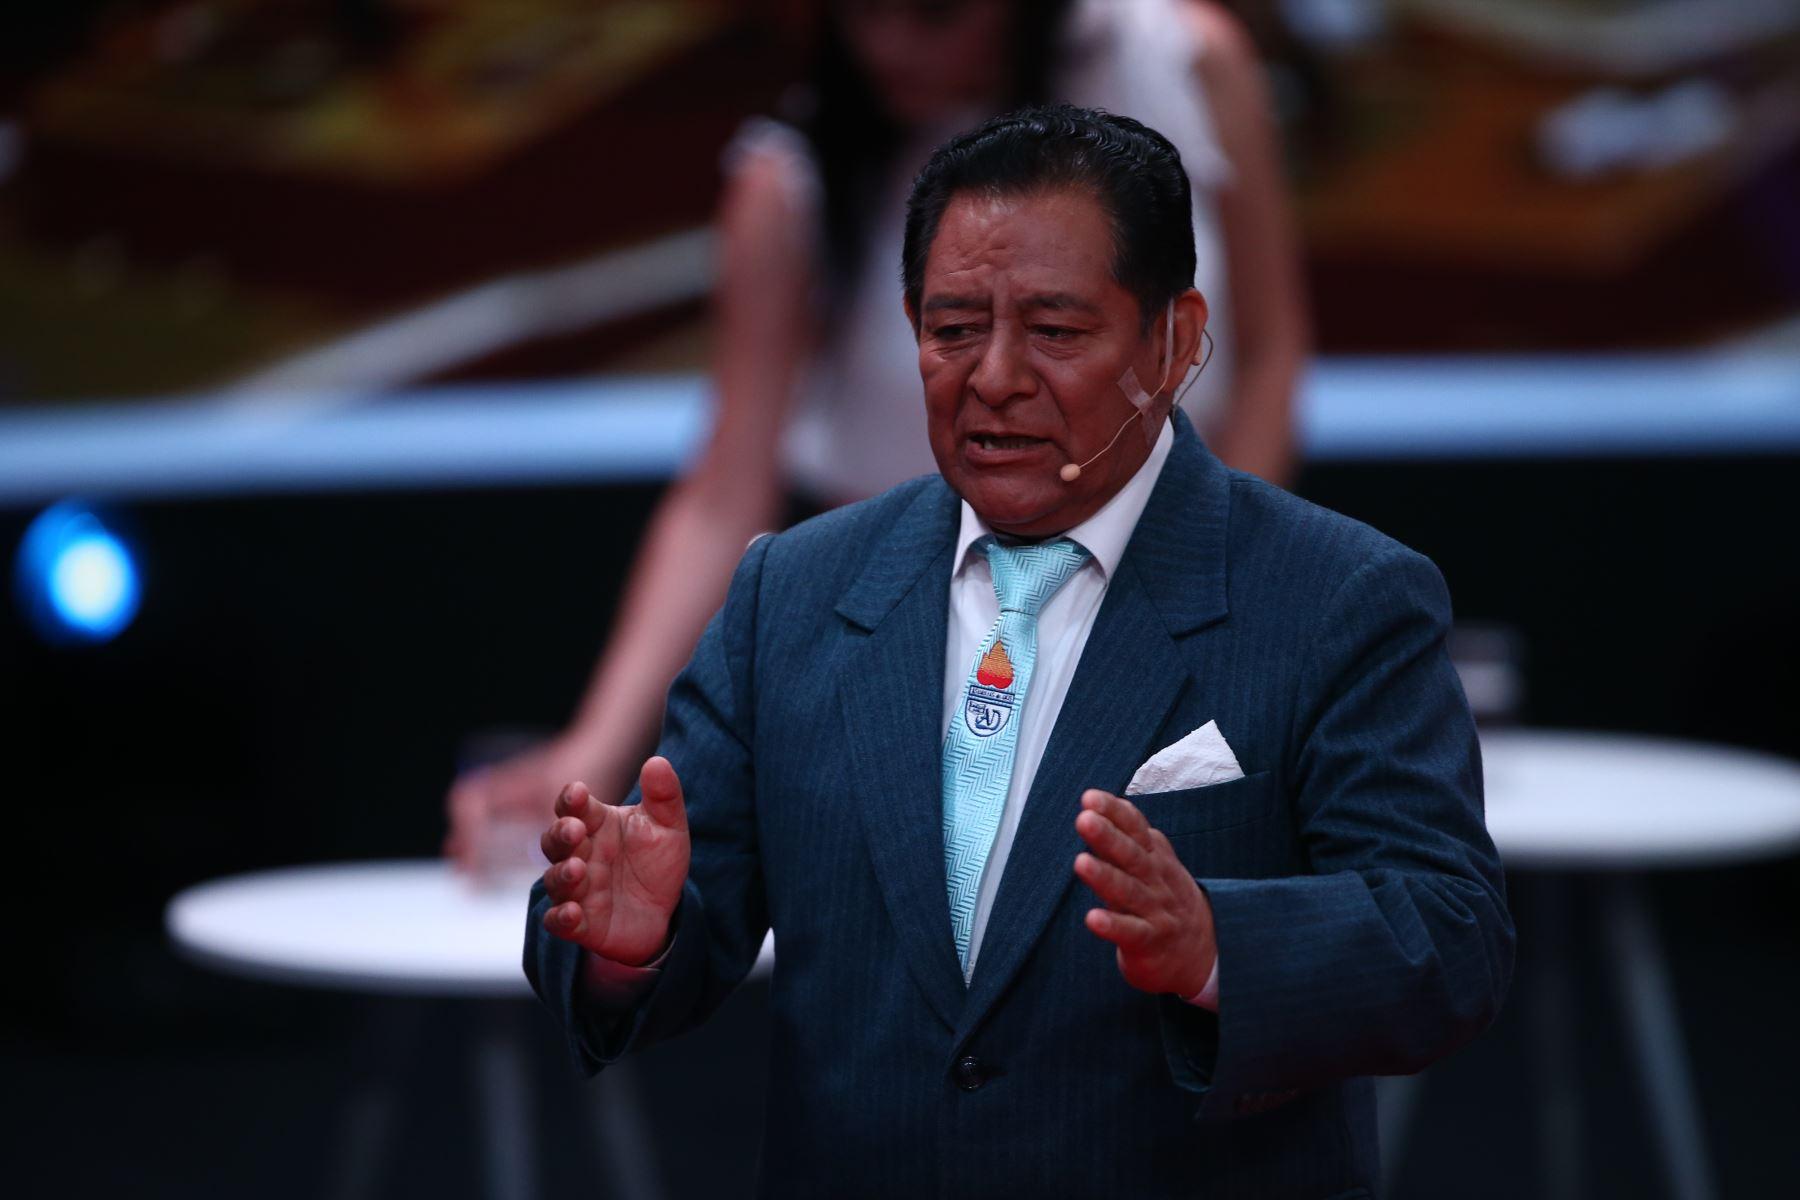 Orestes Sanchez de Vamos Perú participa en debate. Foto: ANDINA/Vidal Tarqui